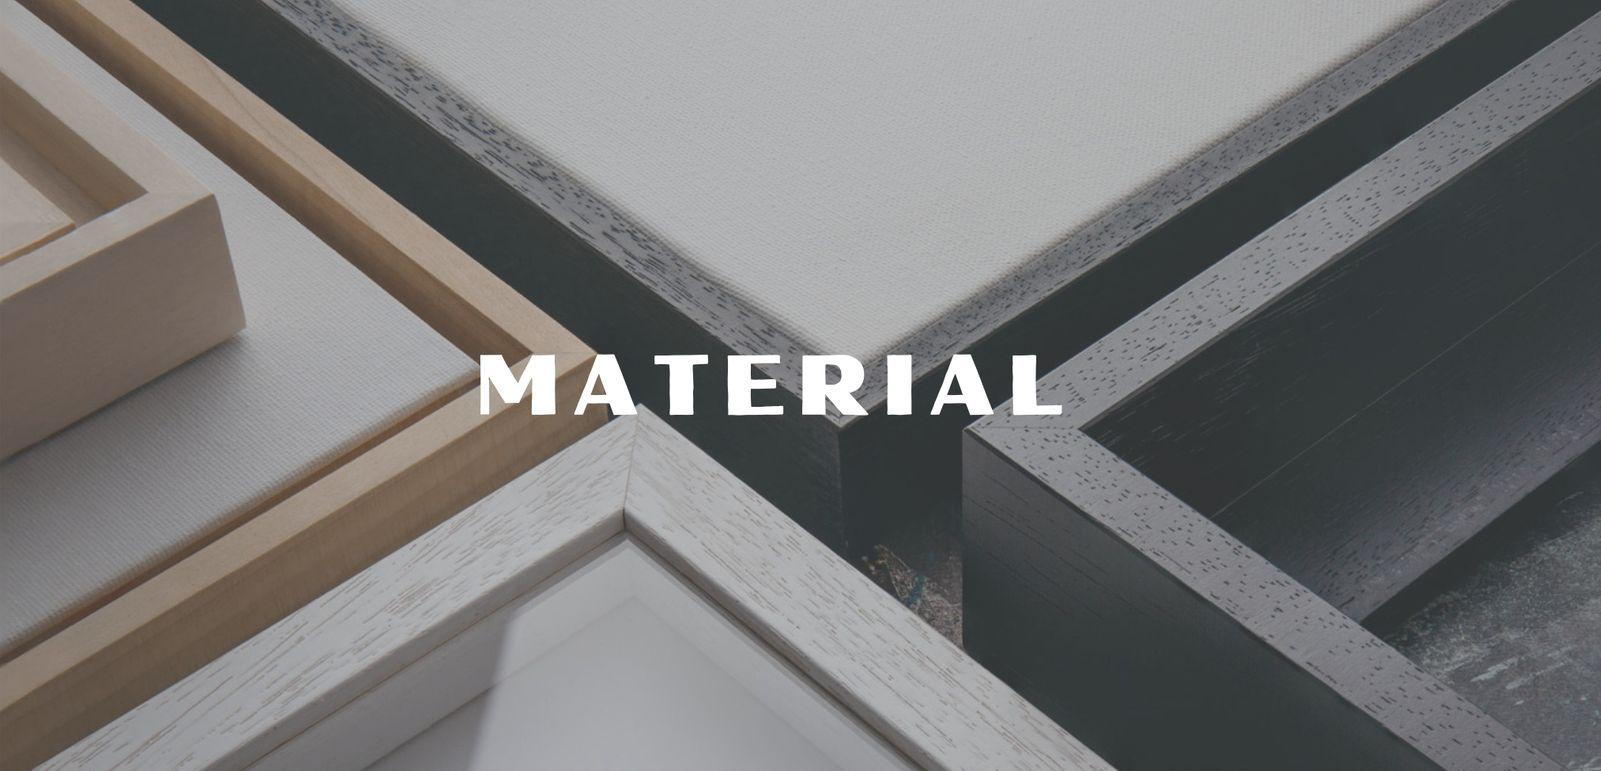 Material.jpg